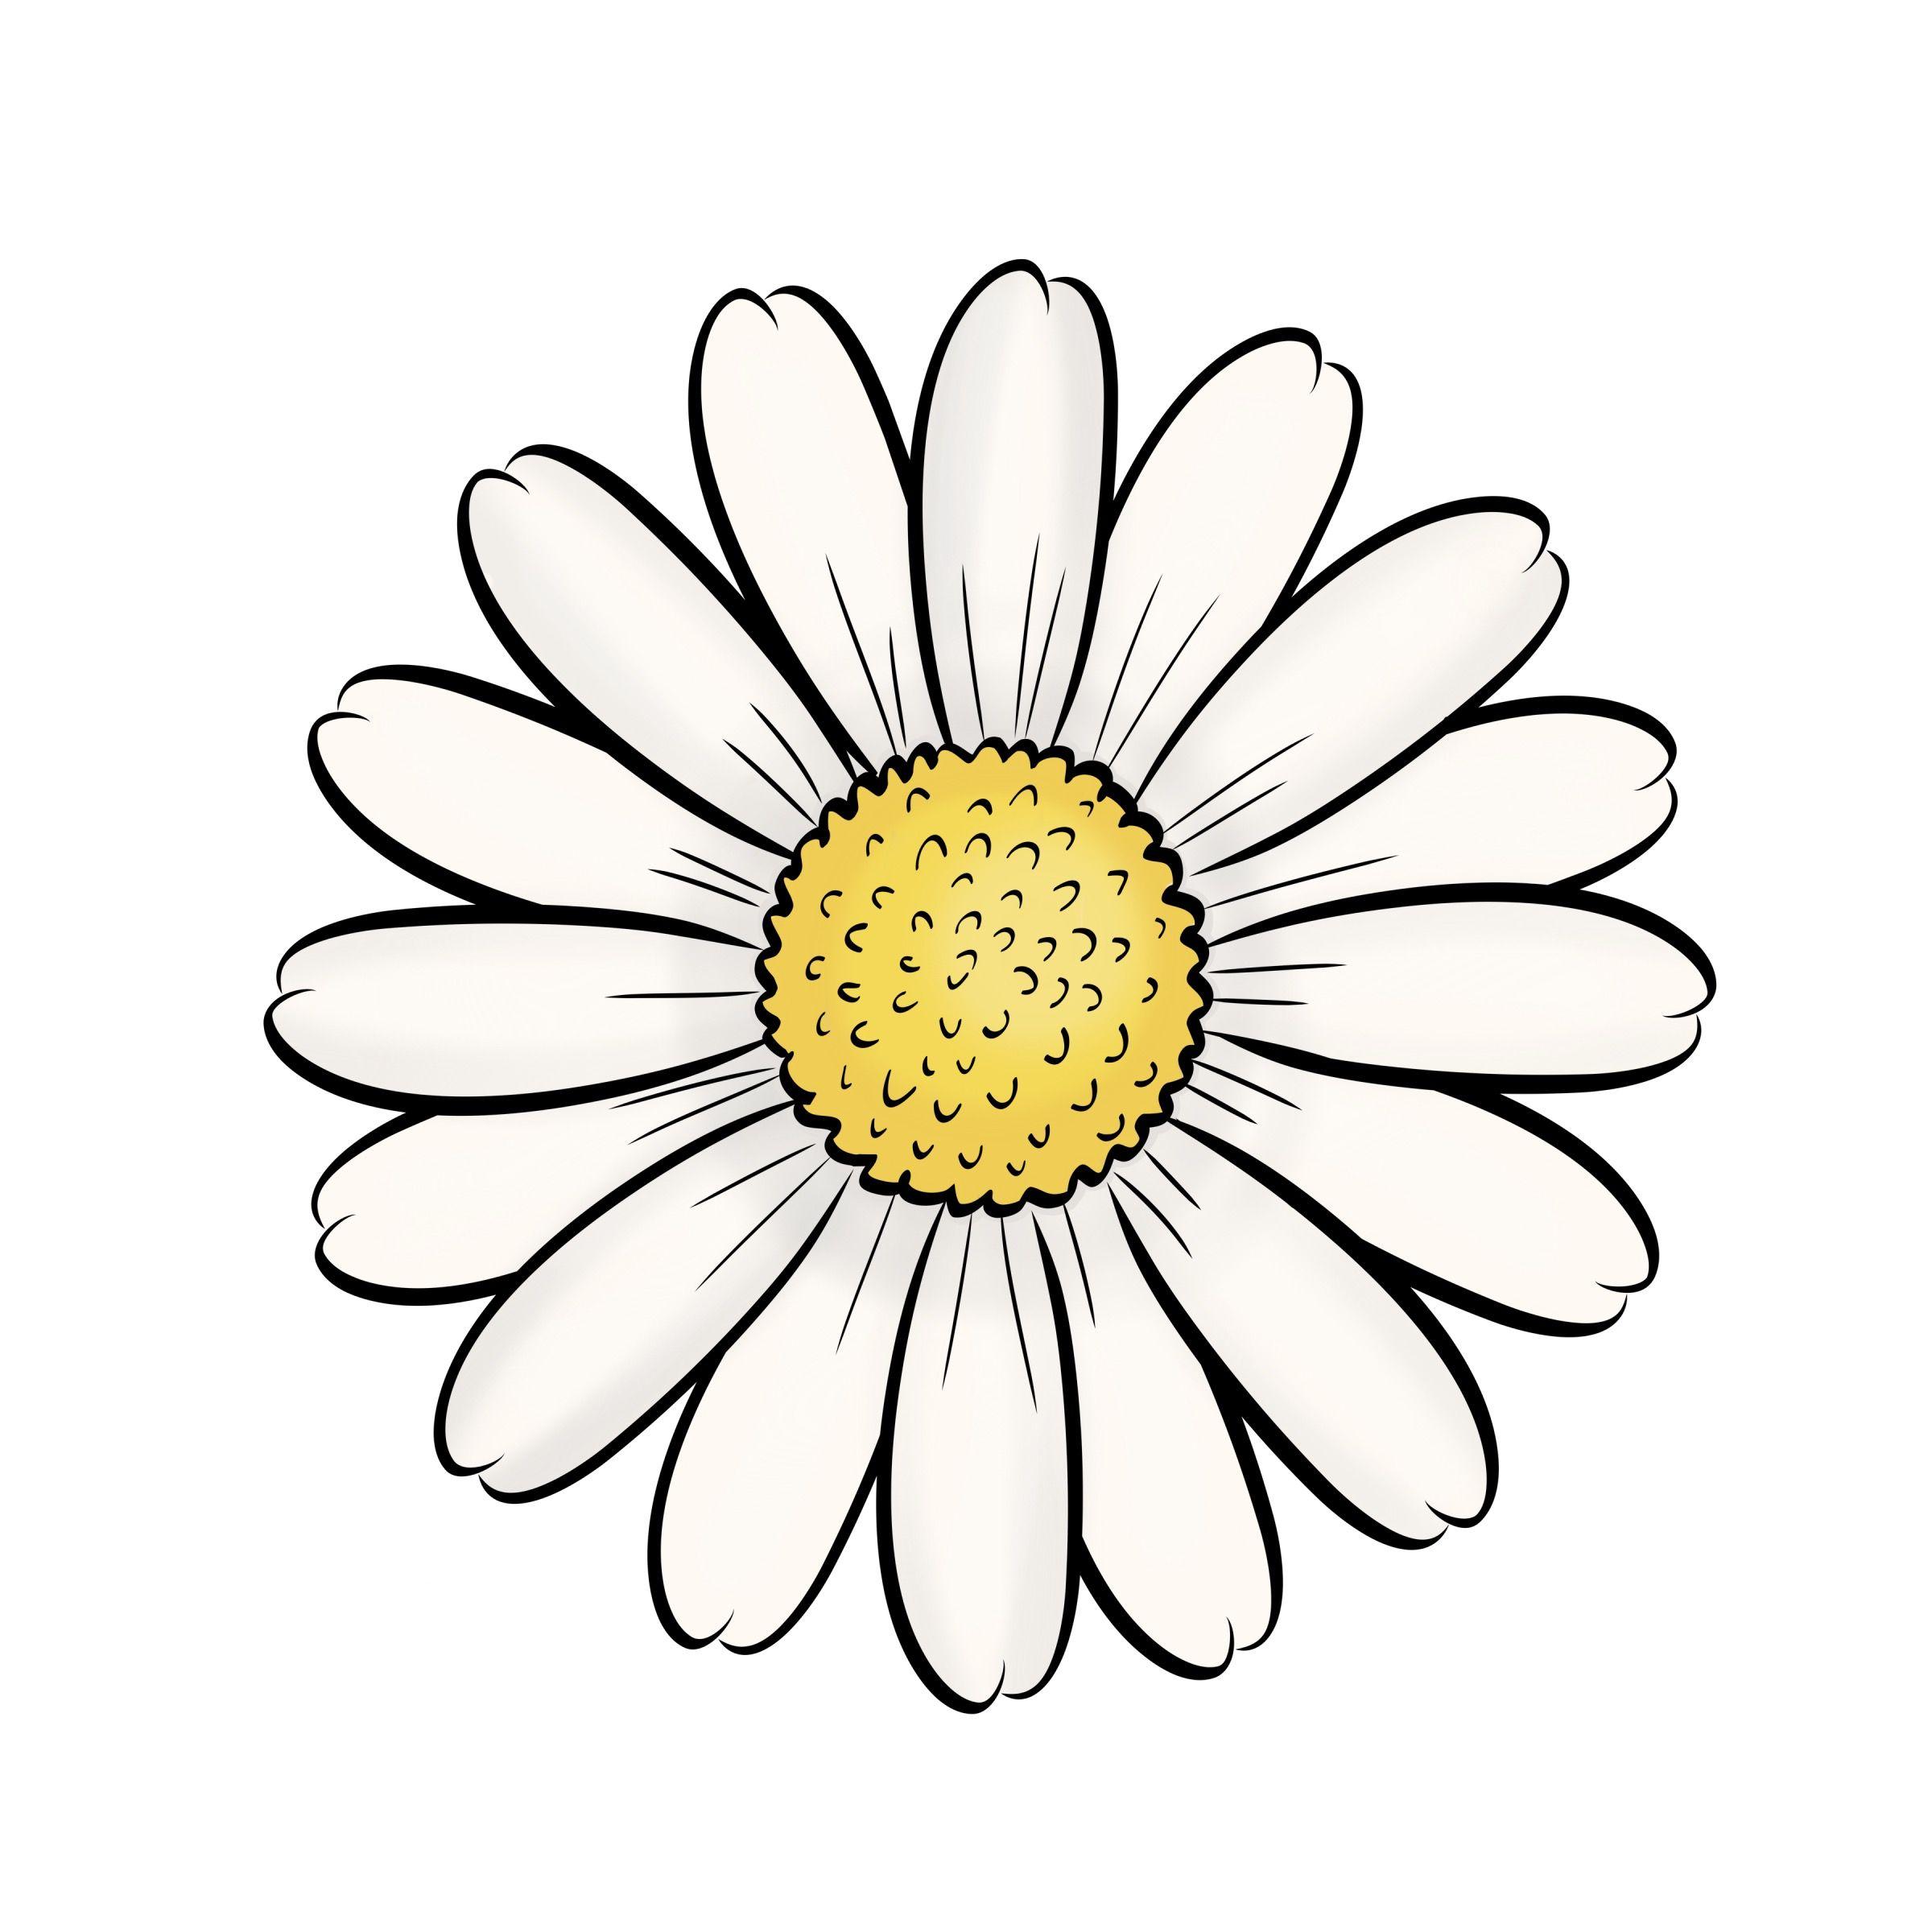 Pin De Cường Quốc Em Ao Margaridas Desenho Desenhos Pequenos